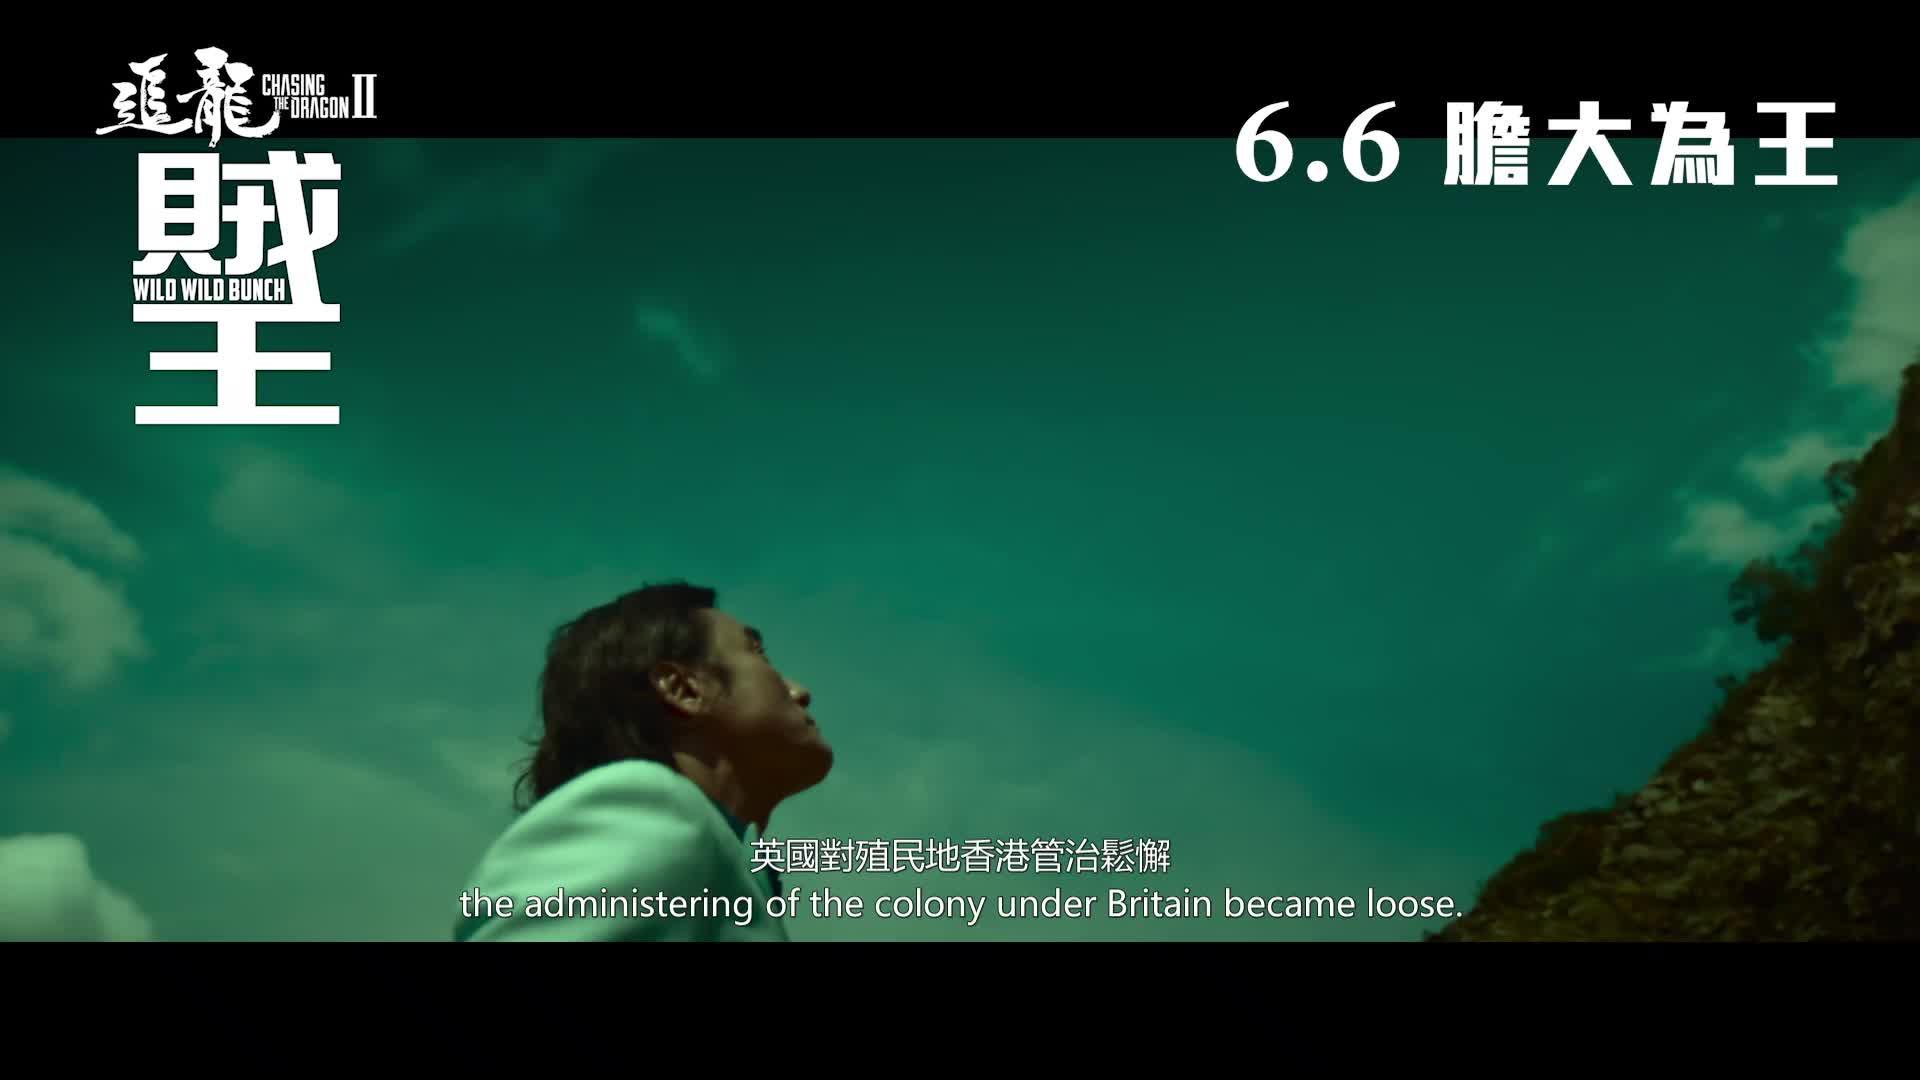 《追龍II:賊王》電影預告